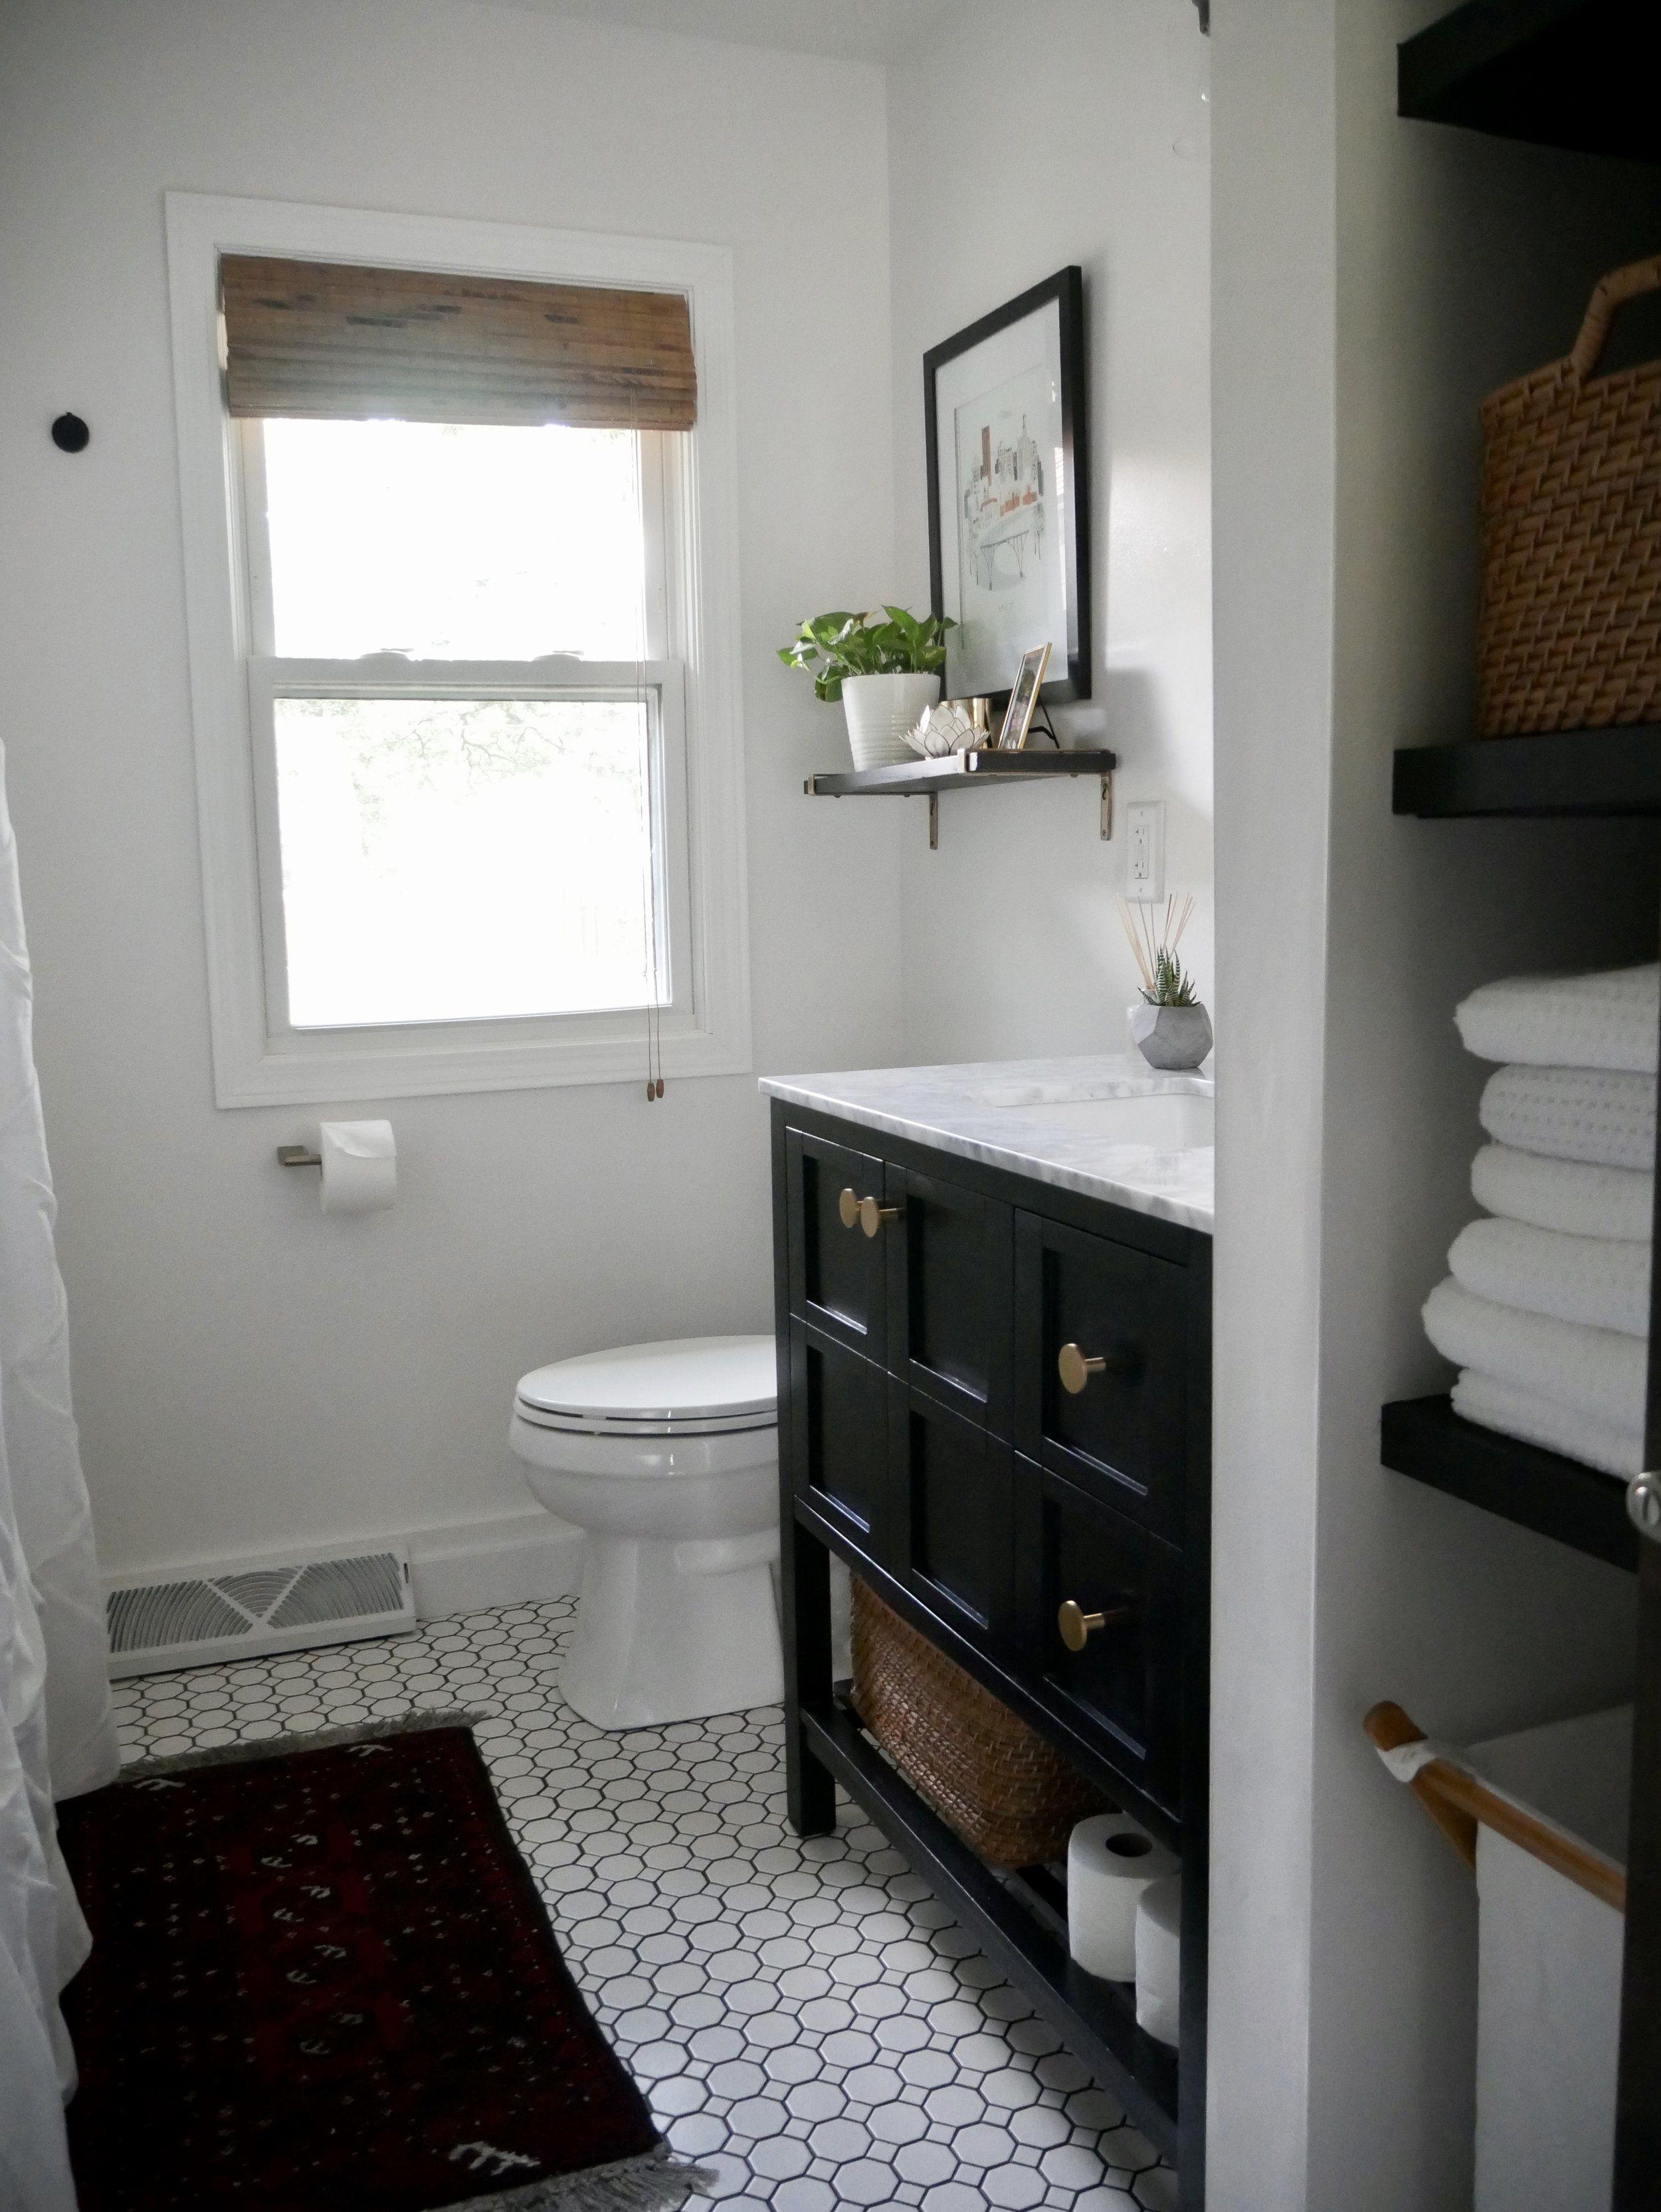 Coming Soon Bathrooms Remodel Diy Bathroom Remodel Bathroom Remodel Cost